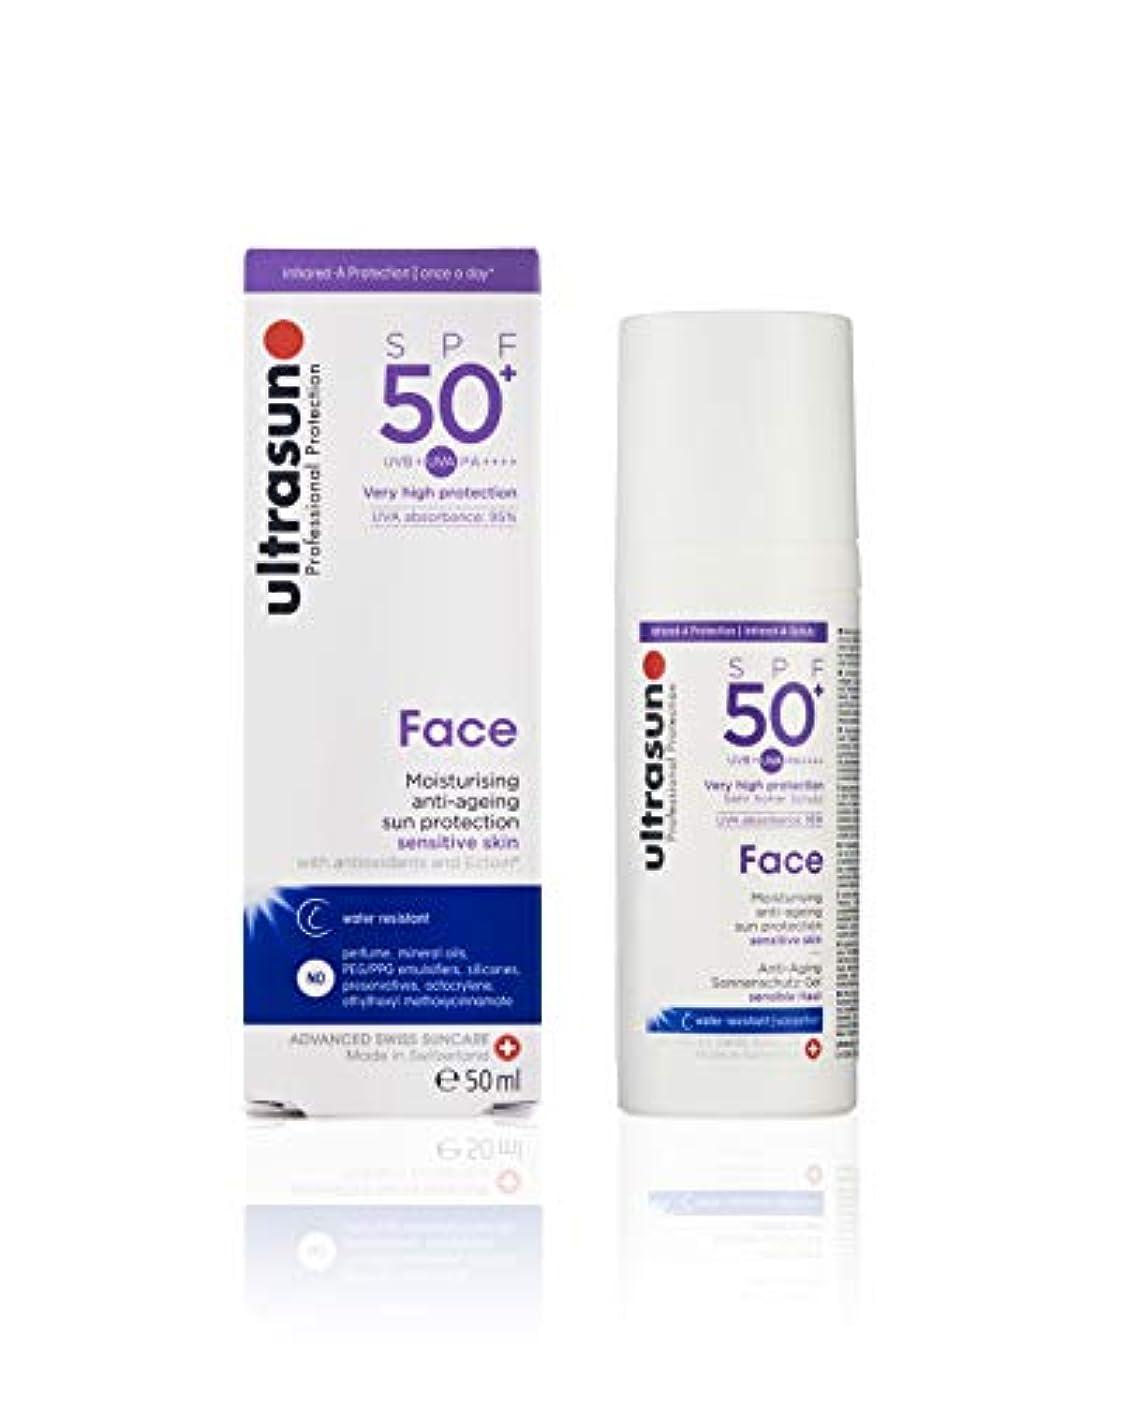 受粉するフラップ地下室アルトラサン 日やけ止めクリーム フェイス UV 敏感肌用 SPF50+ PA++++ トリプルプロテクション 50mL